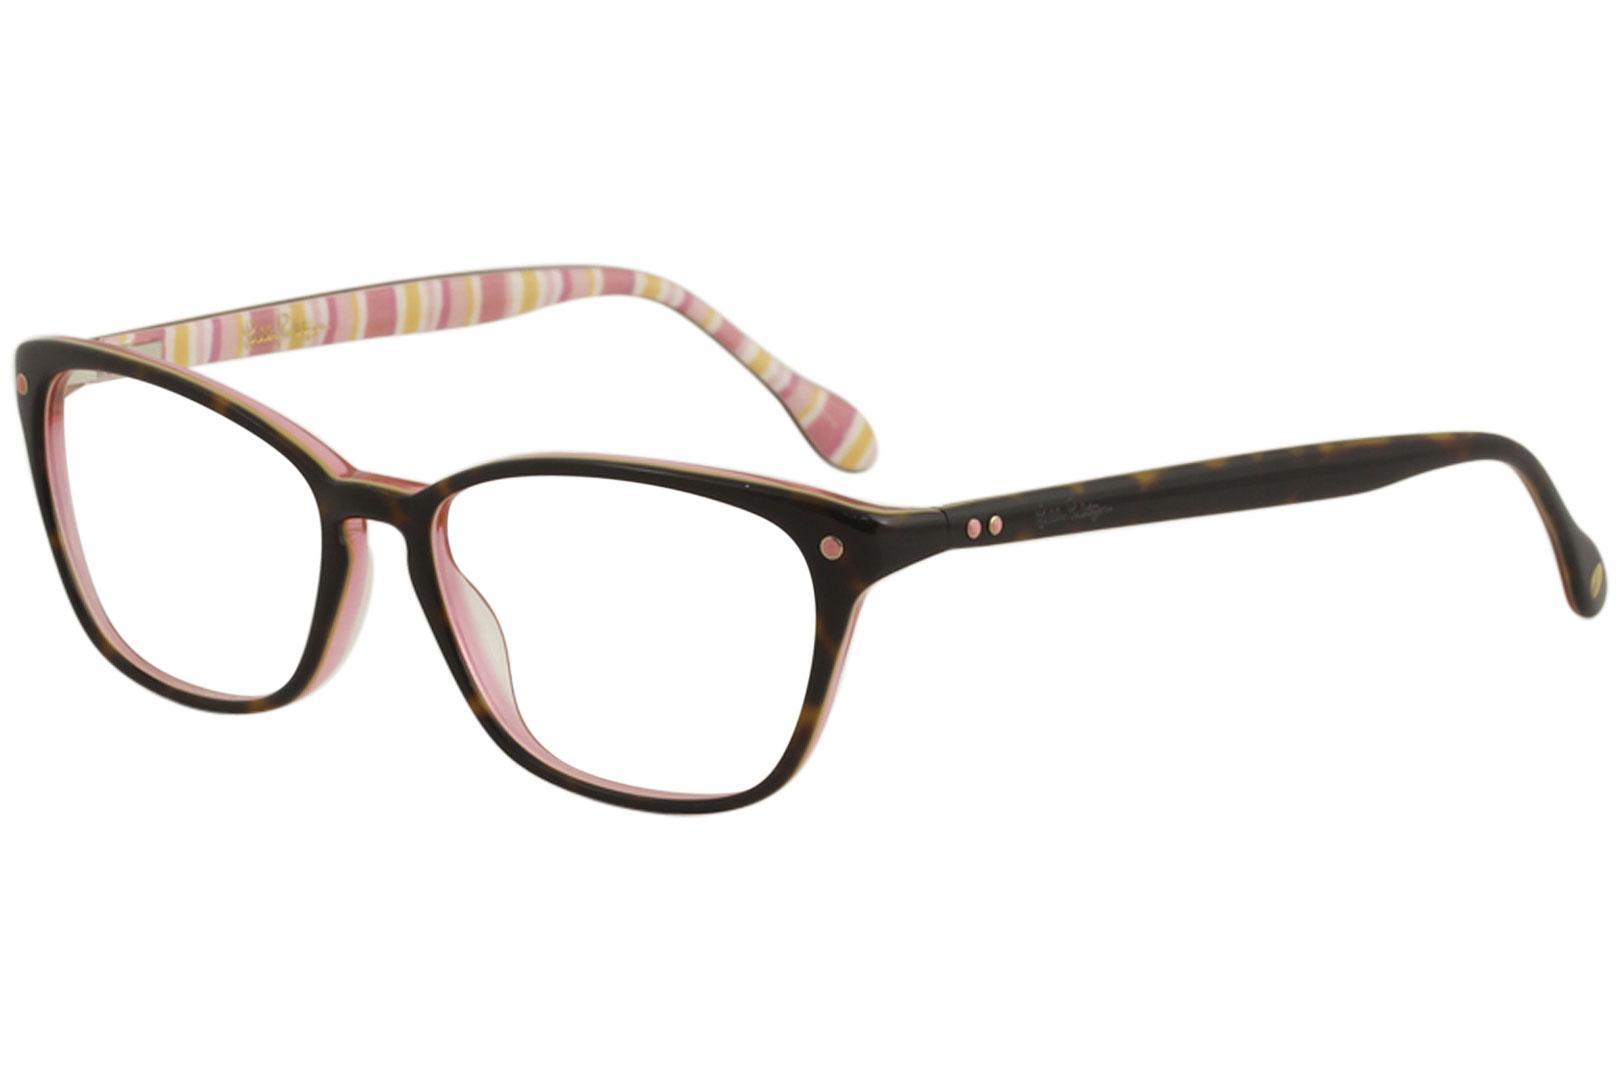 Lilly Pulitzer Women\'s Eyeglasses Kingsley Full Rim Optical Frame